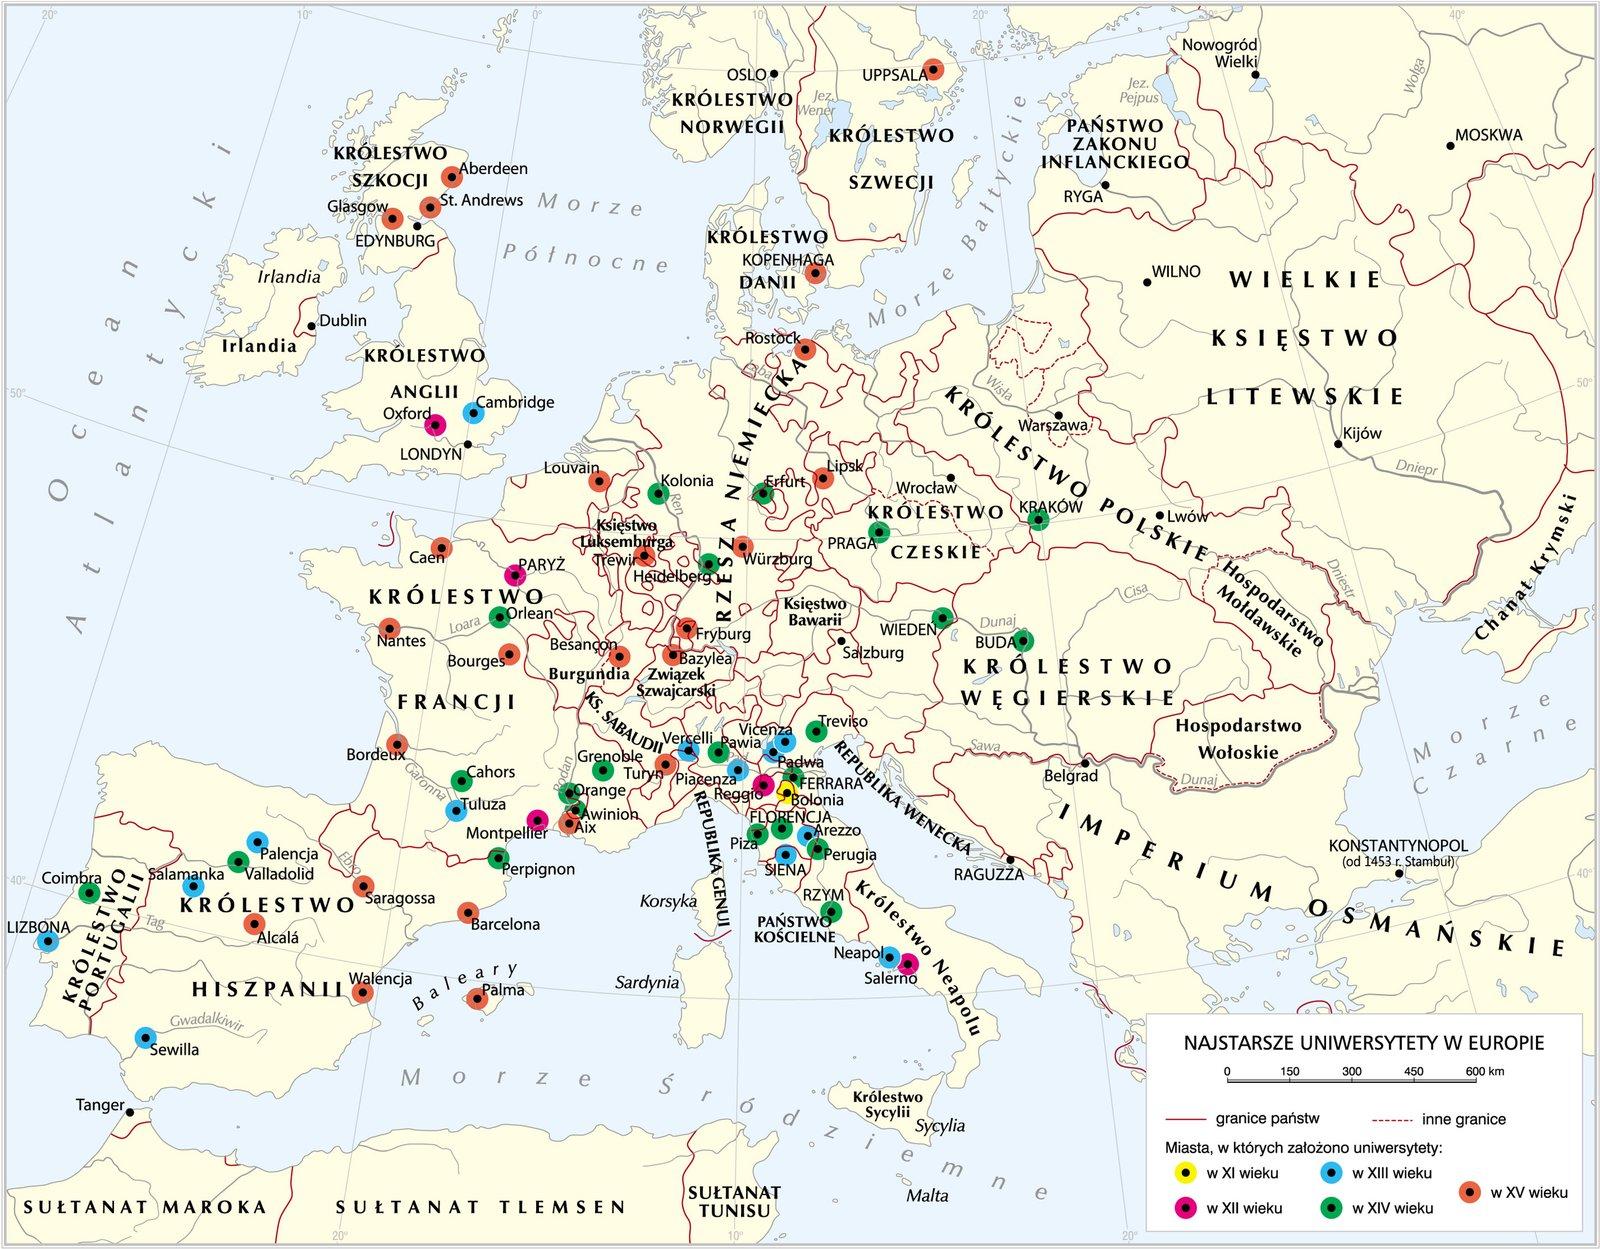 Najstarsze uniwersytety wEuropie Najstarsze uniwersytety wEuropie Źródło: Krystian Chariza izespół, licencja: CC BY 3.0.